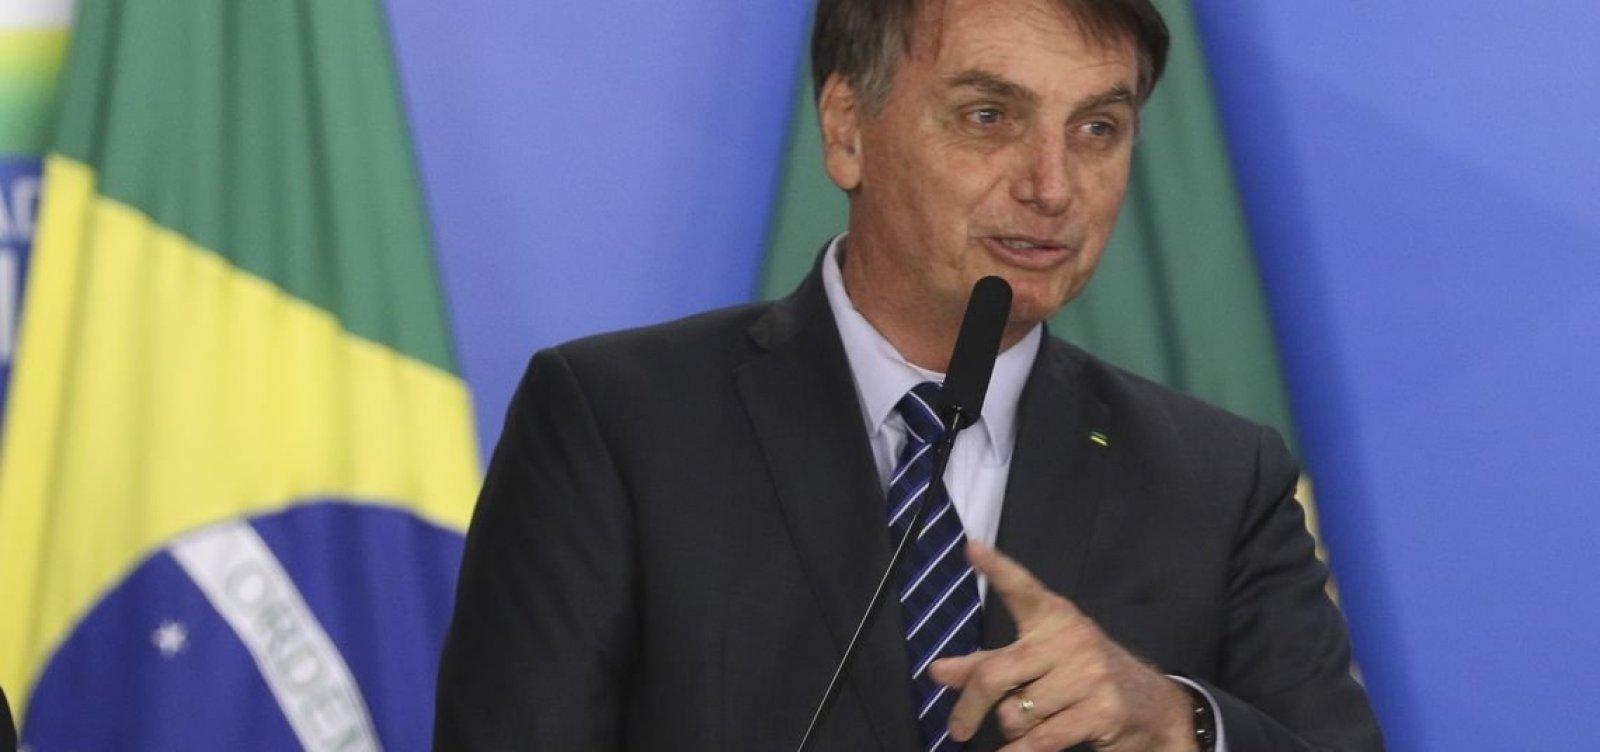 [Bolsonaro veta PL que exigia psicologia e assistência social em escolas públicas]